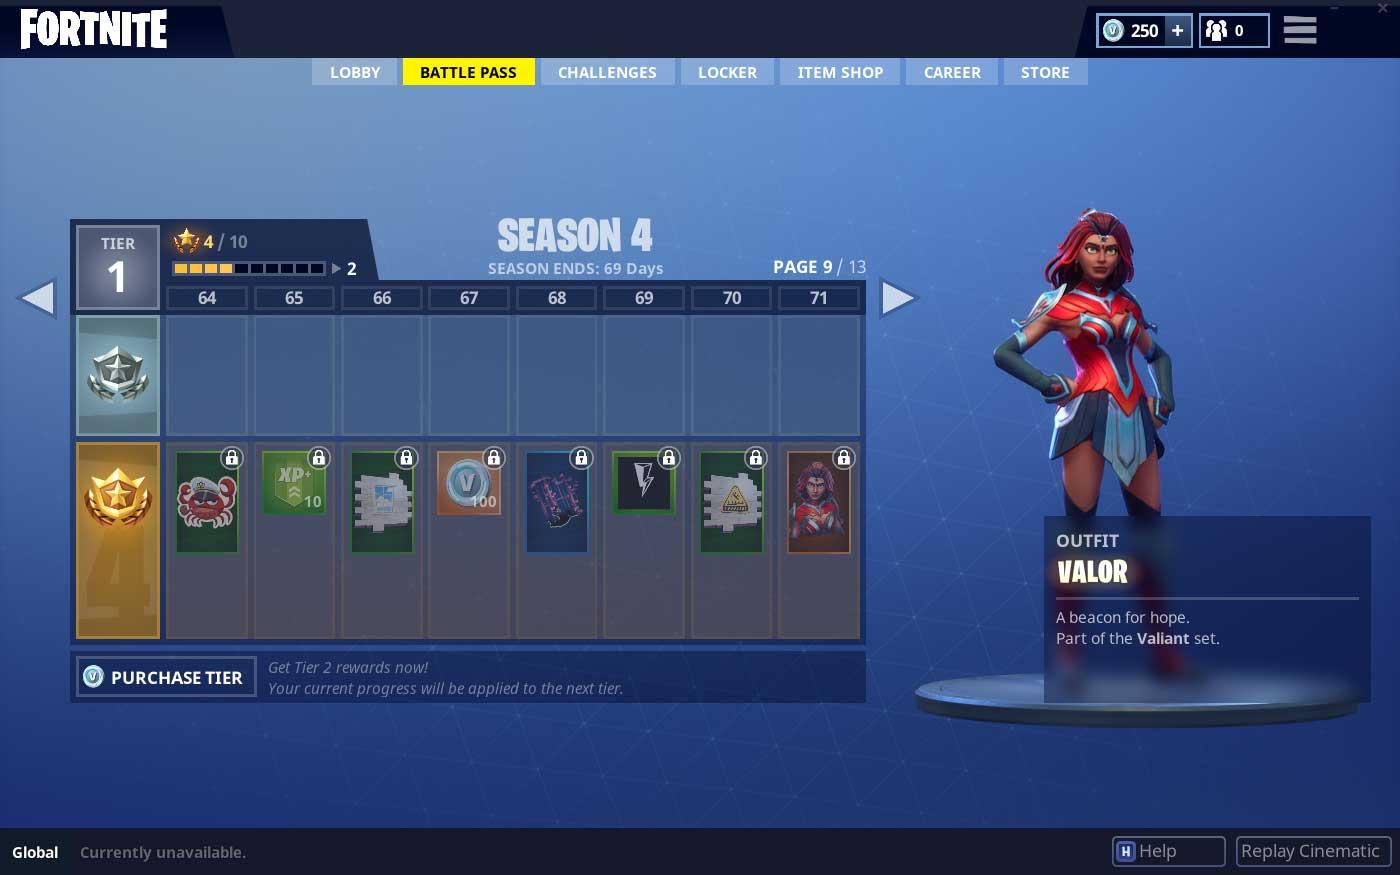 Valor Super Hero Skin